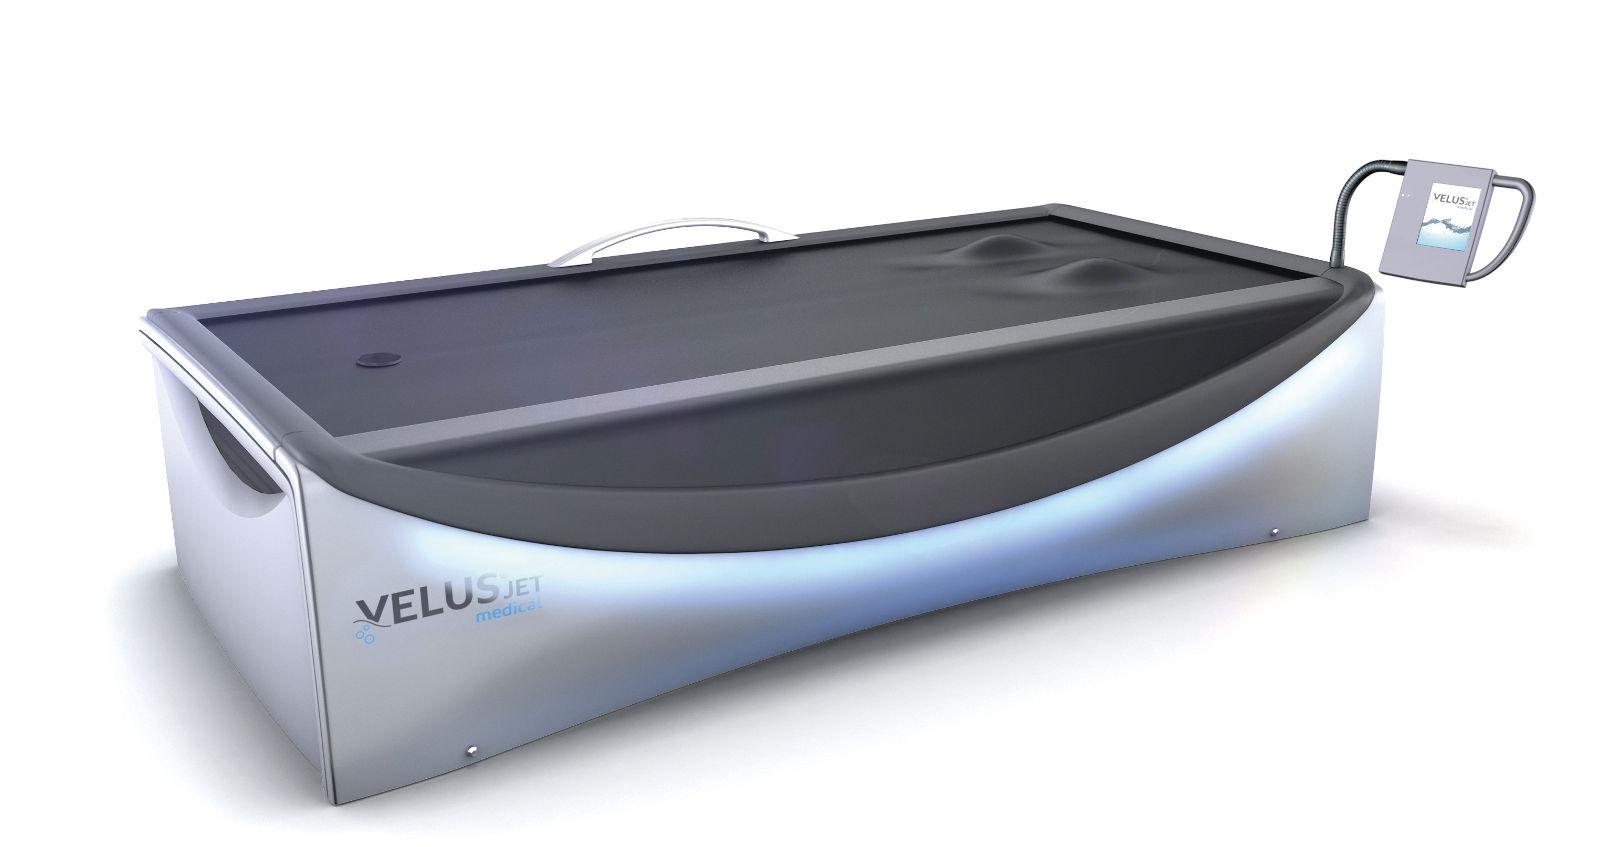 Velus Jet® medical